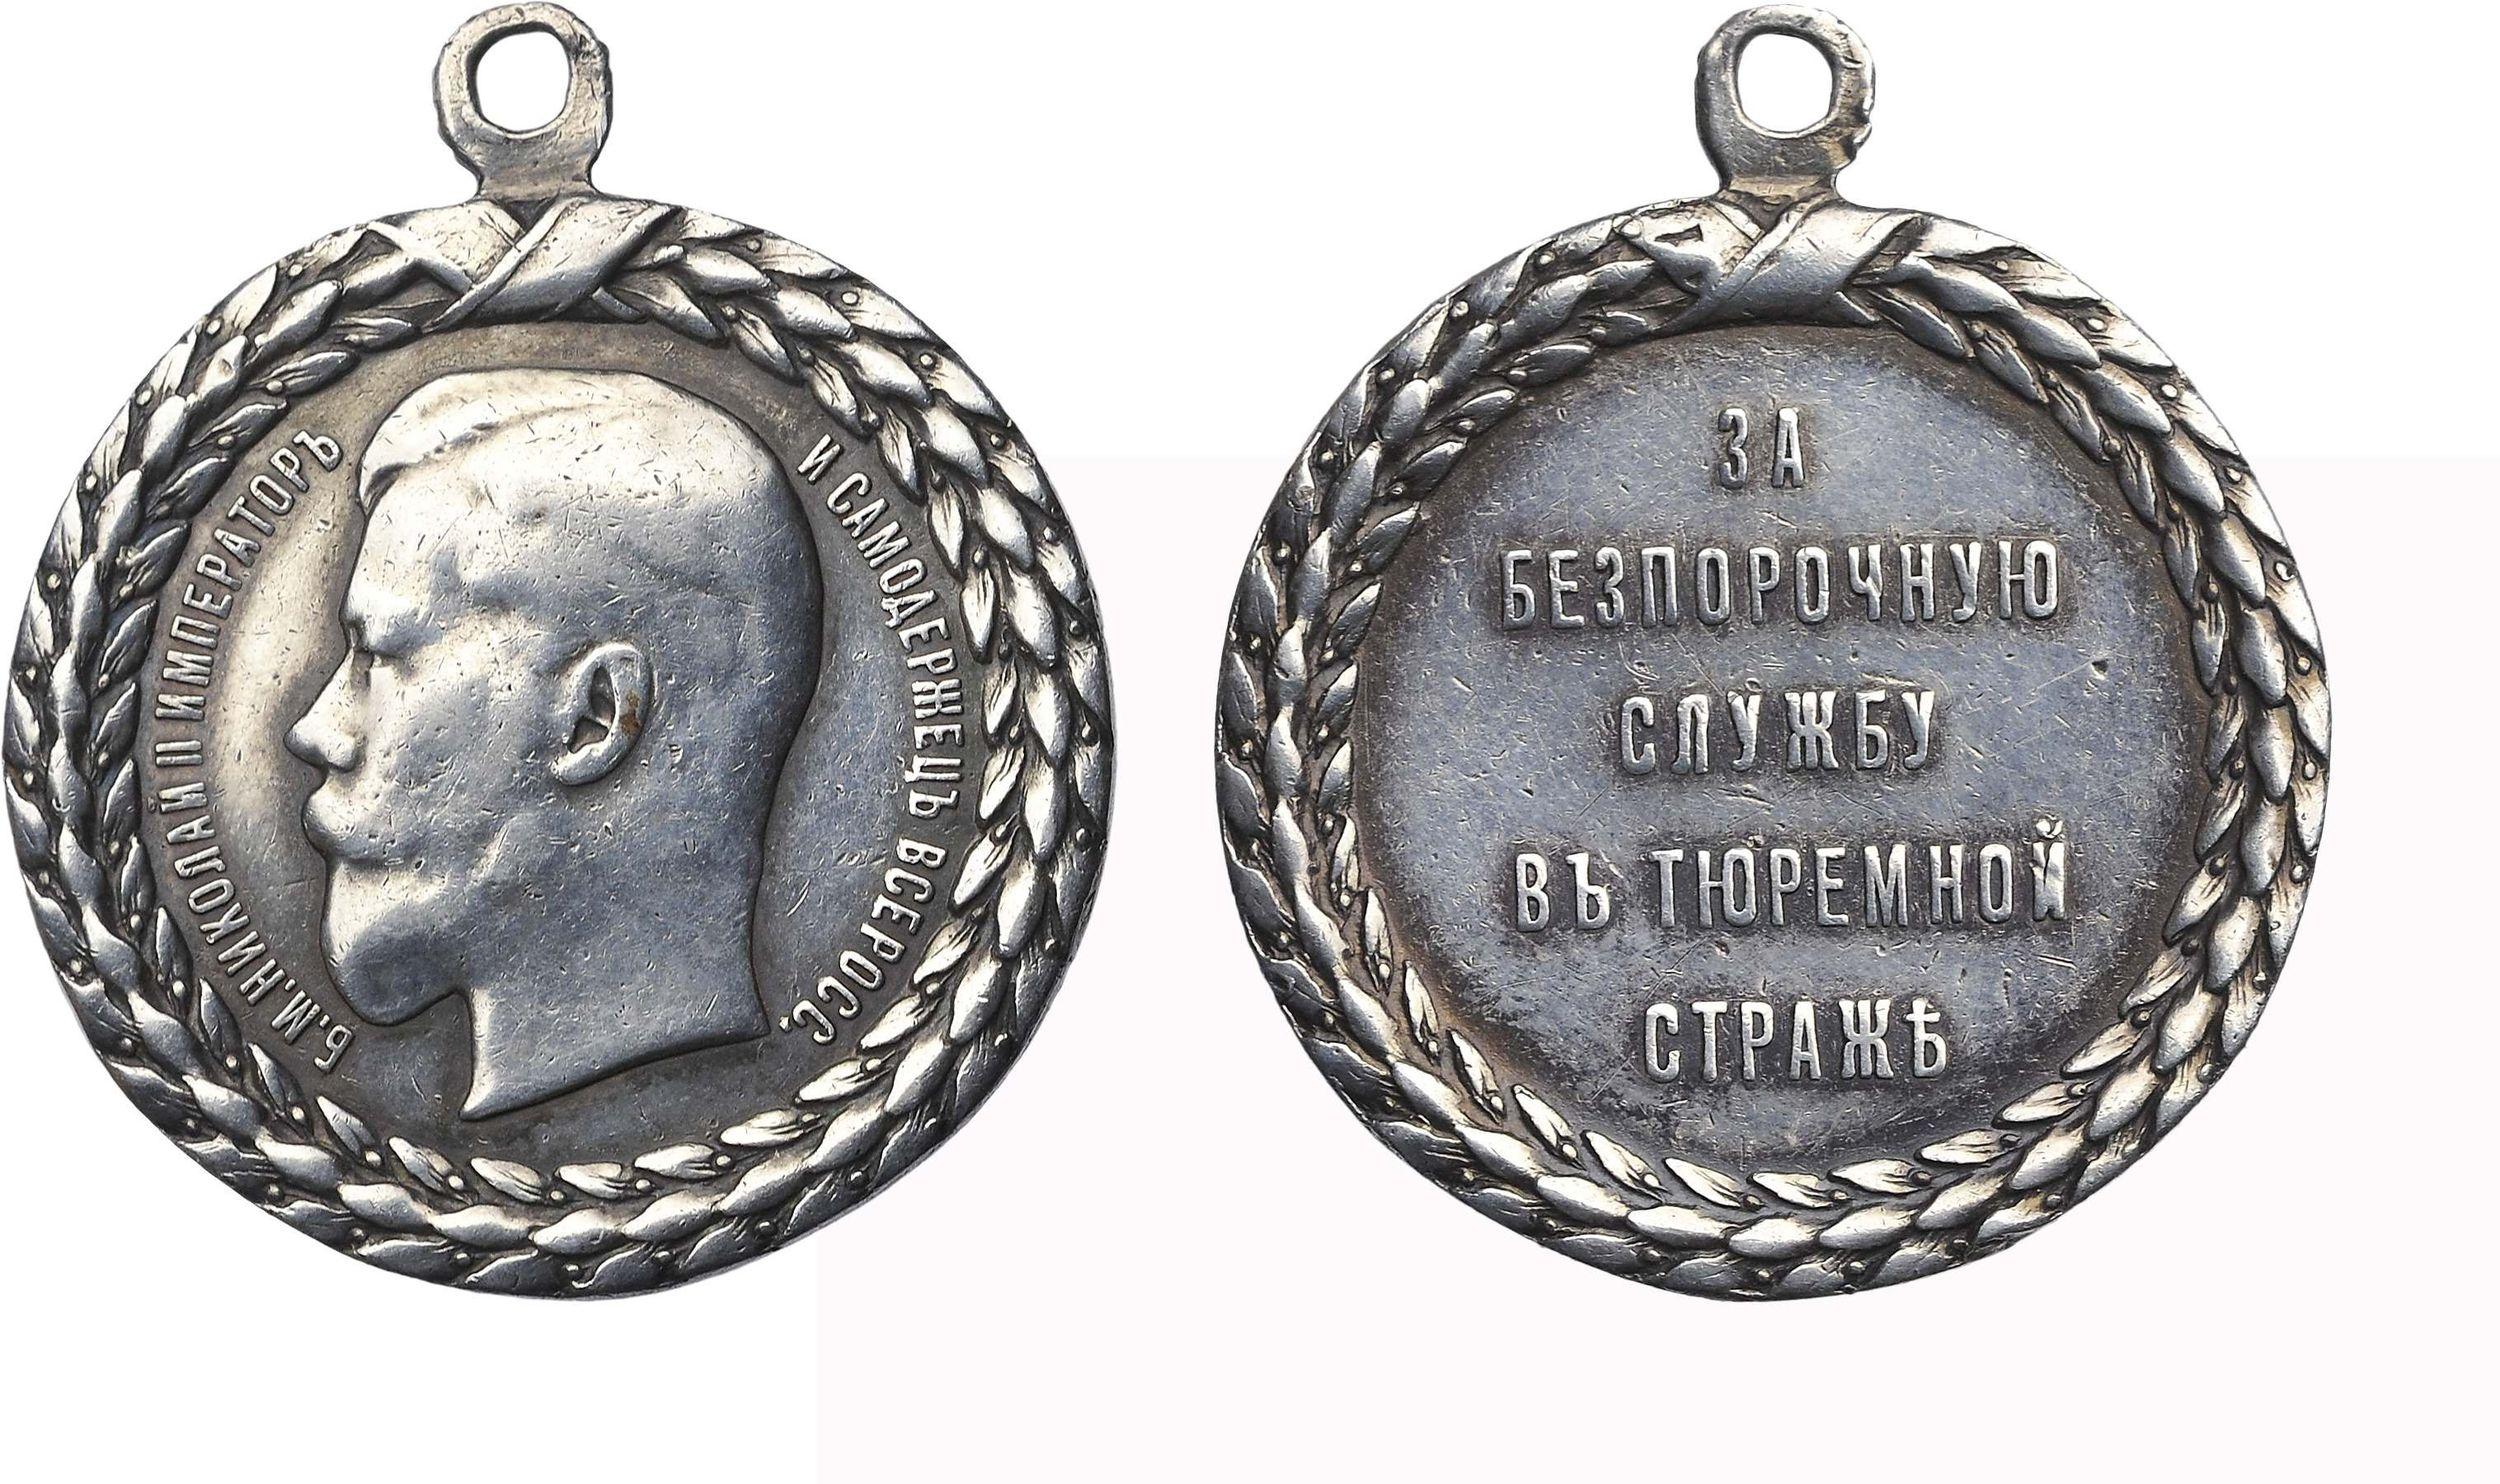 Наградная медаль «За беспорочную службу в тюремной стражe». 1895